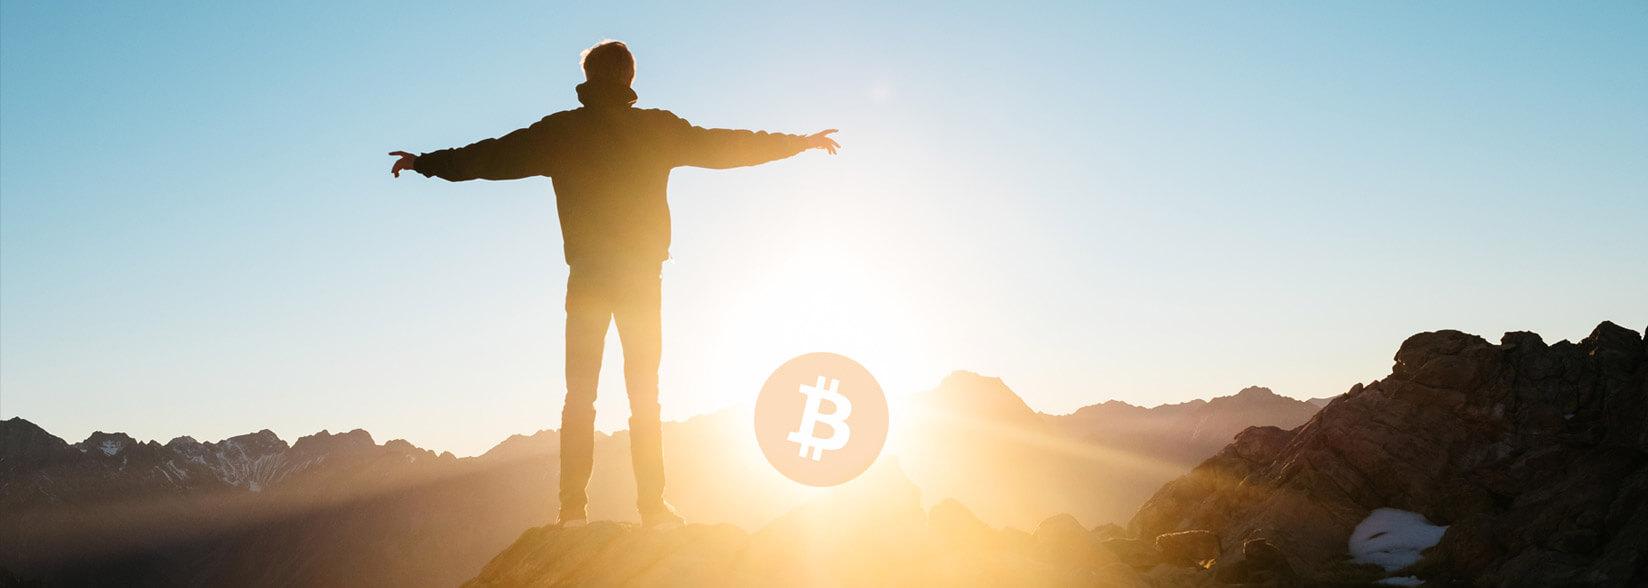 Golden Cross Gören Bitcoin Yükselecek Mi İşte BTC'nin Önündeki Olumlu ve Olumsuz Senaryolar